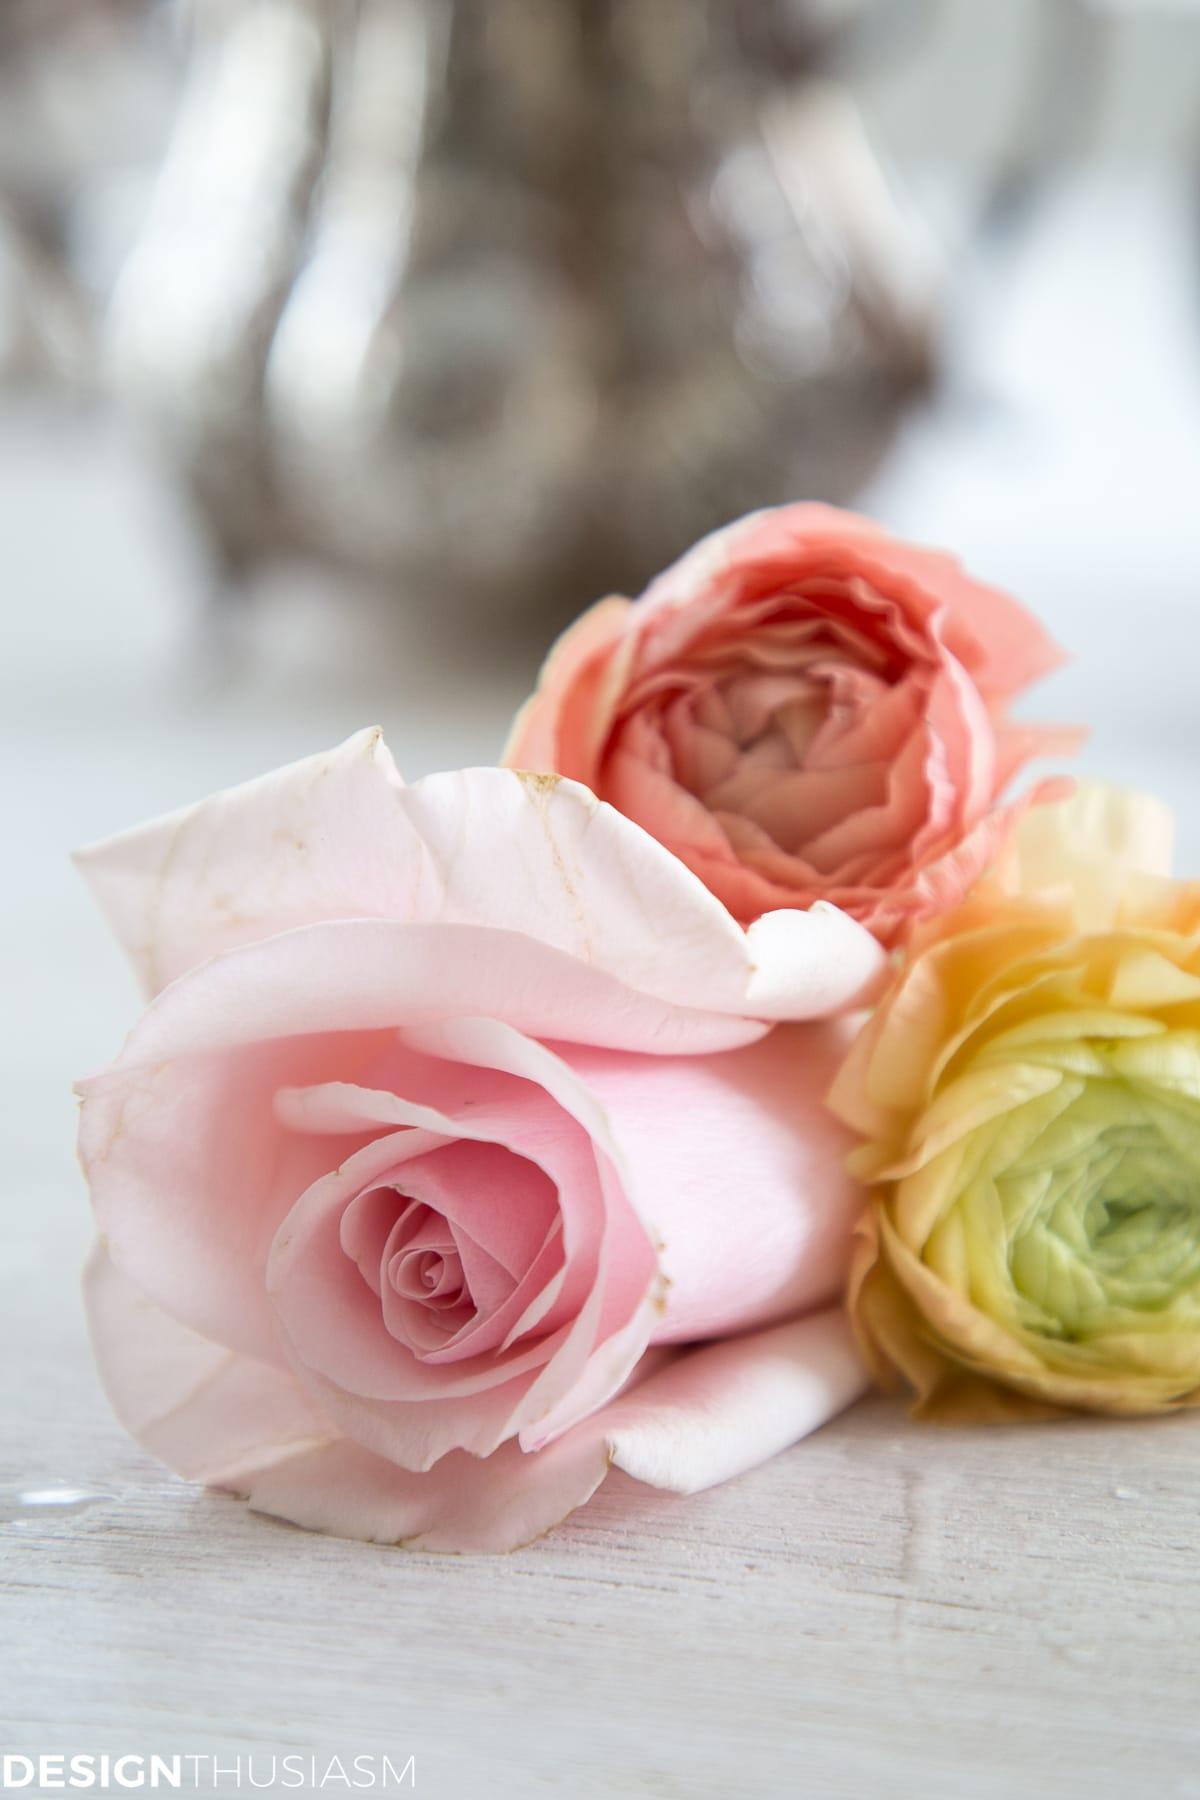 Valentine's Day Flowers - designthusiasm.com